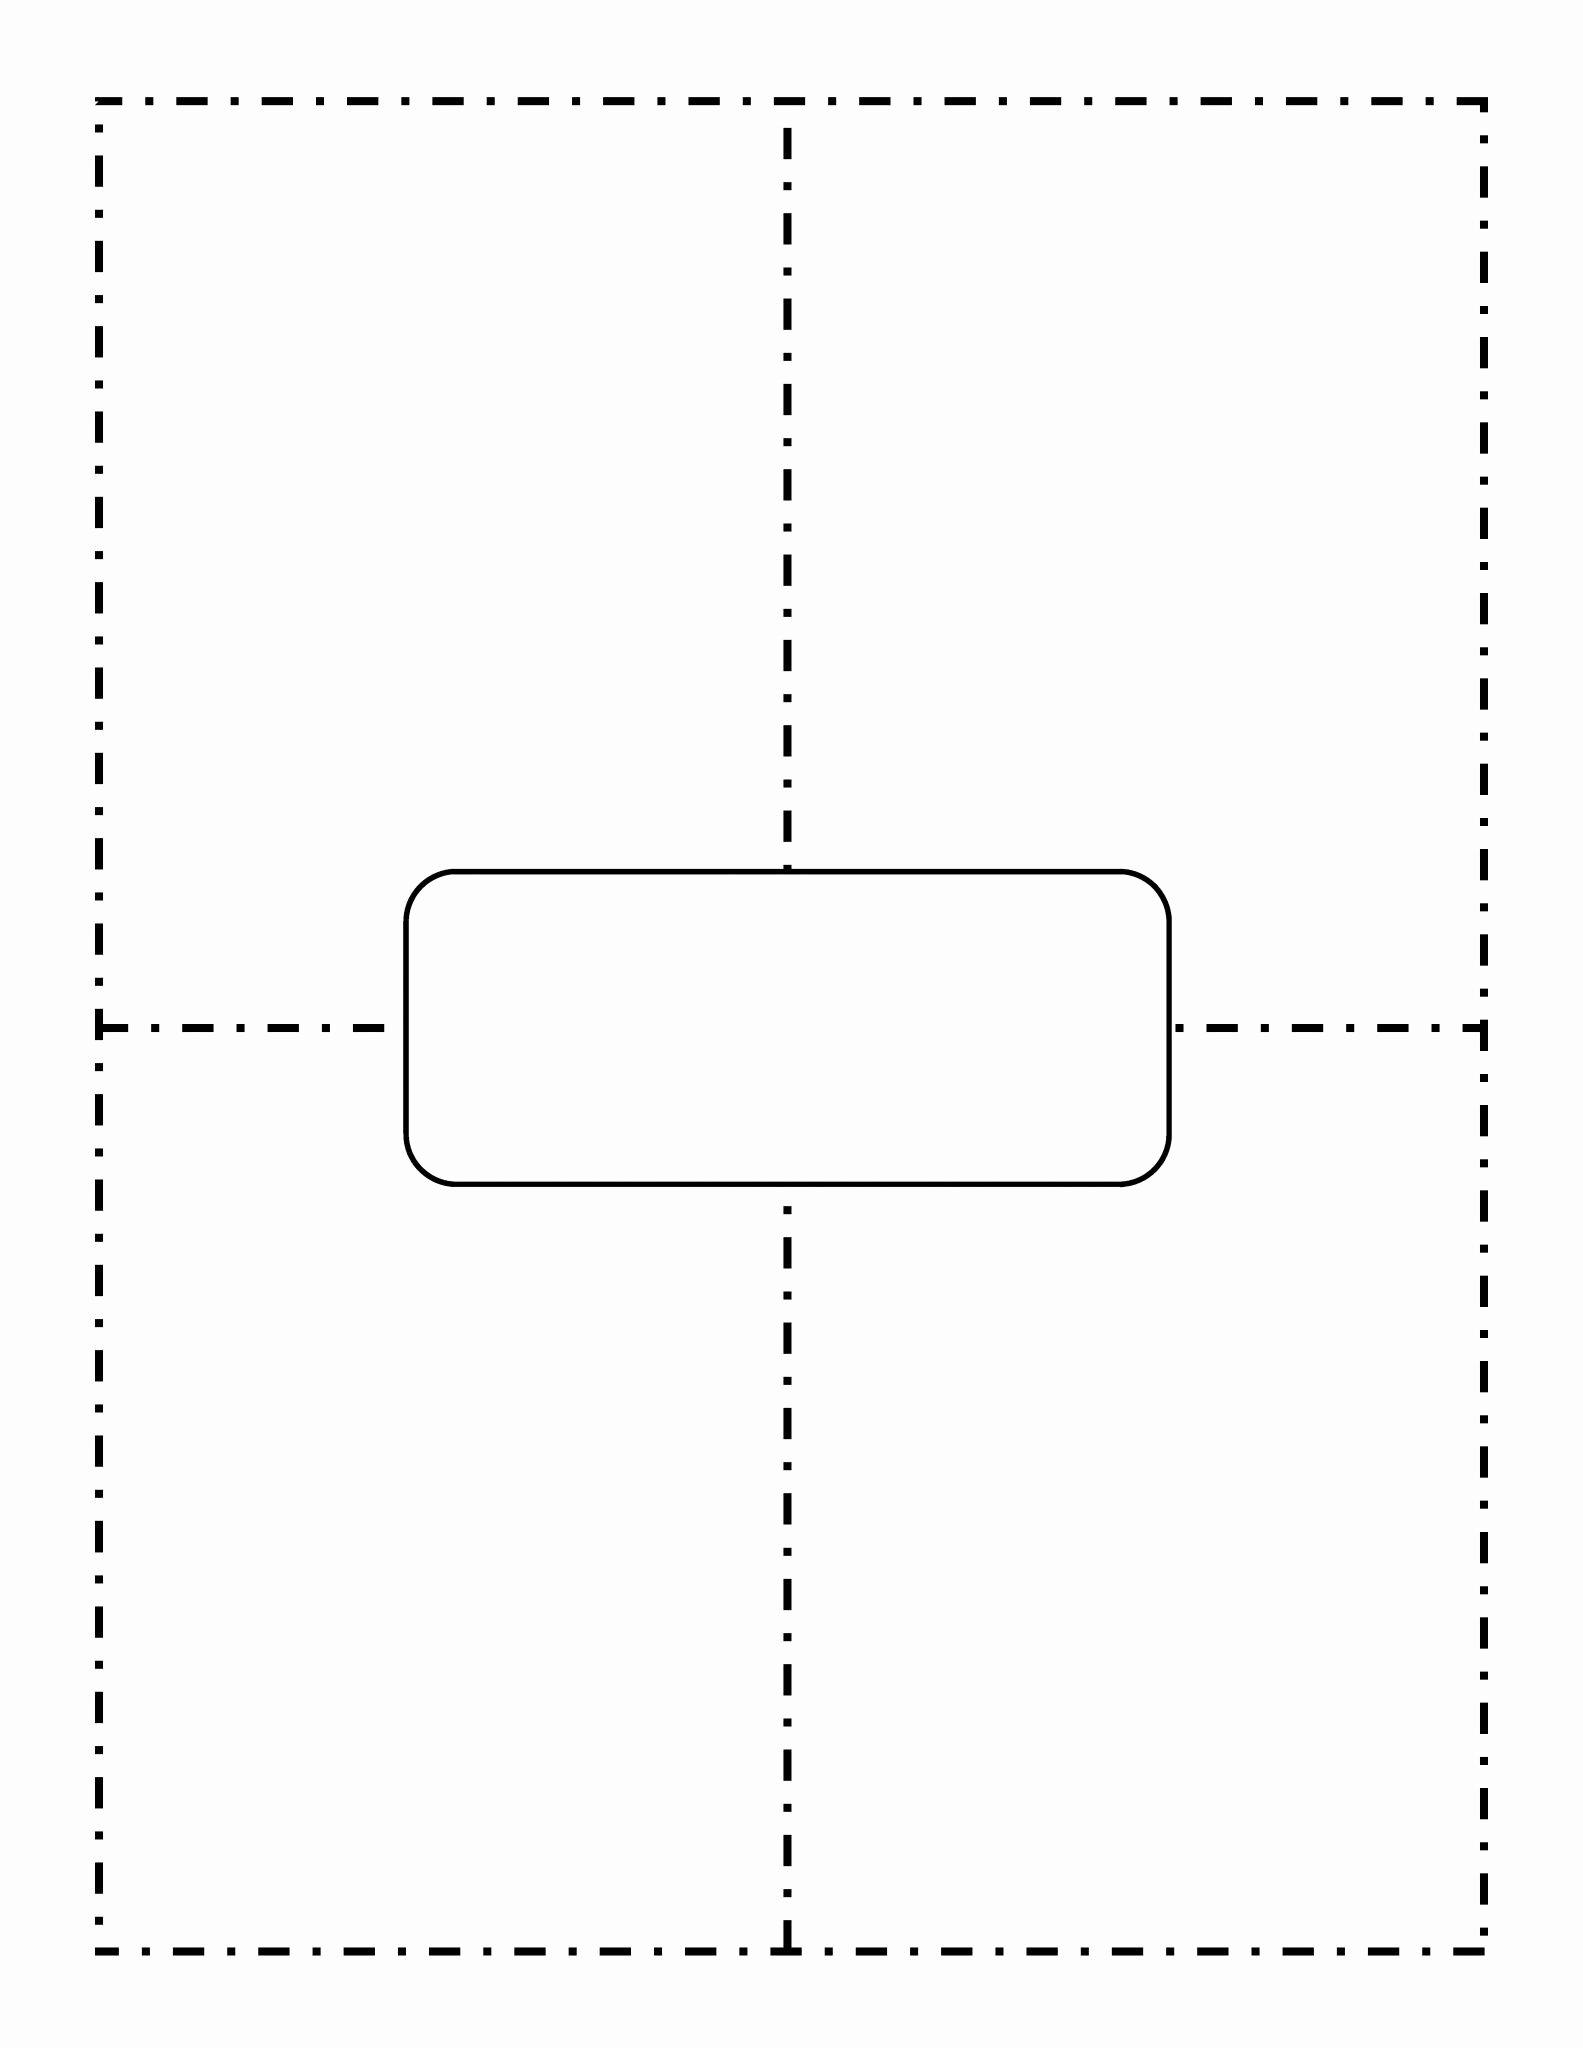 50 Quadratic Functions Worksheet Answers